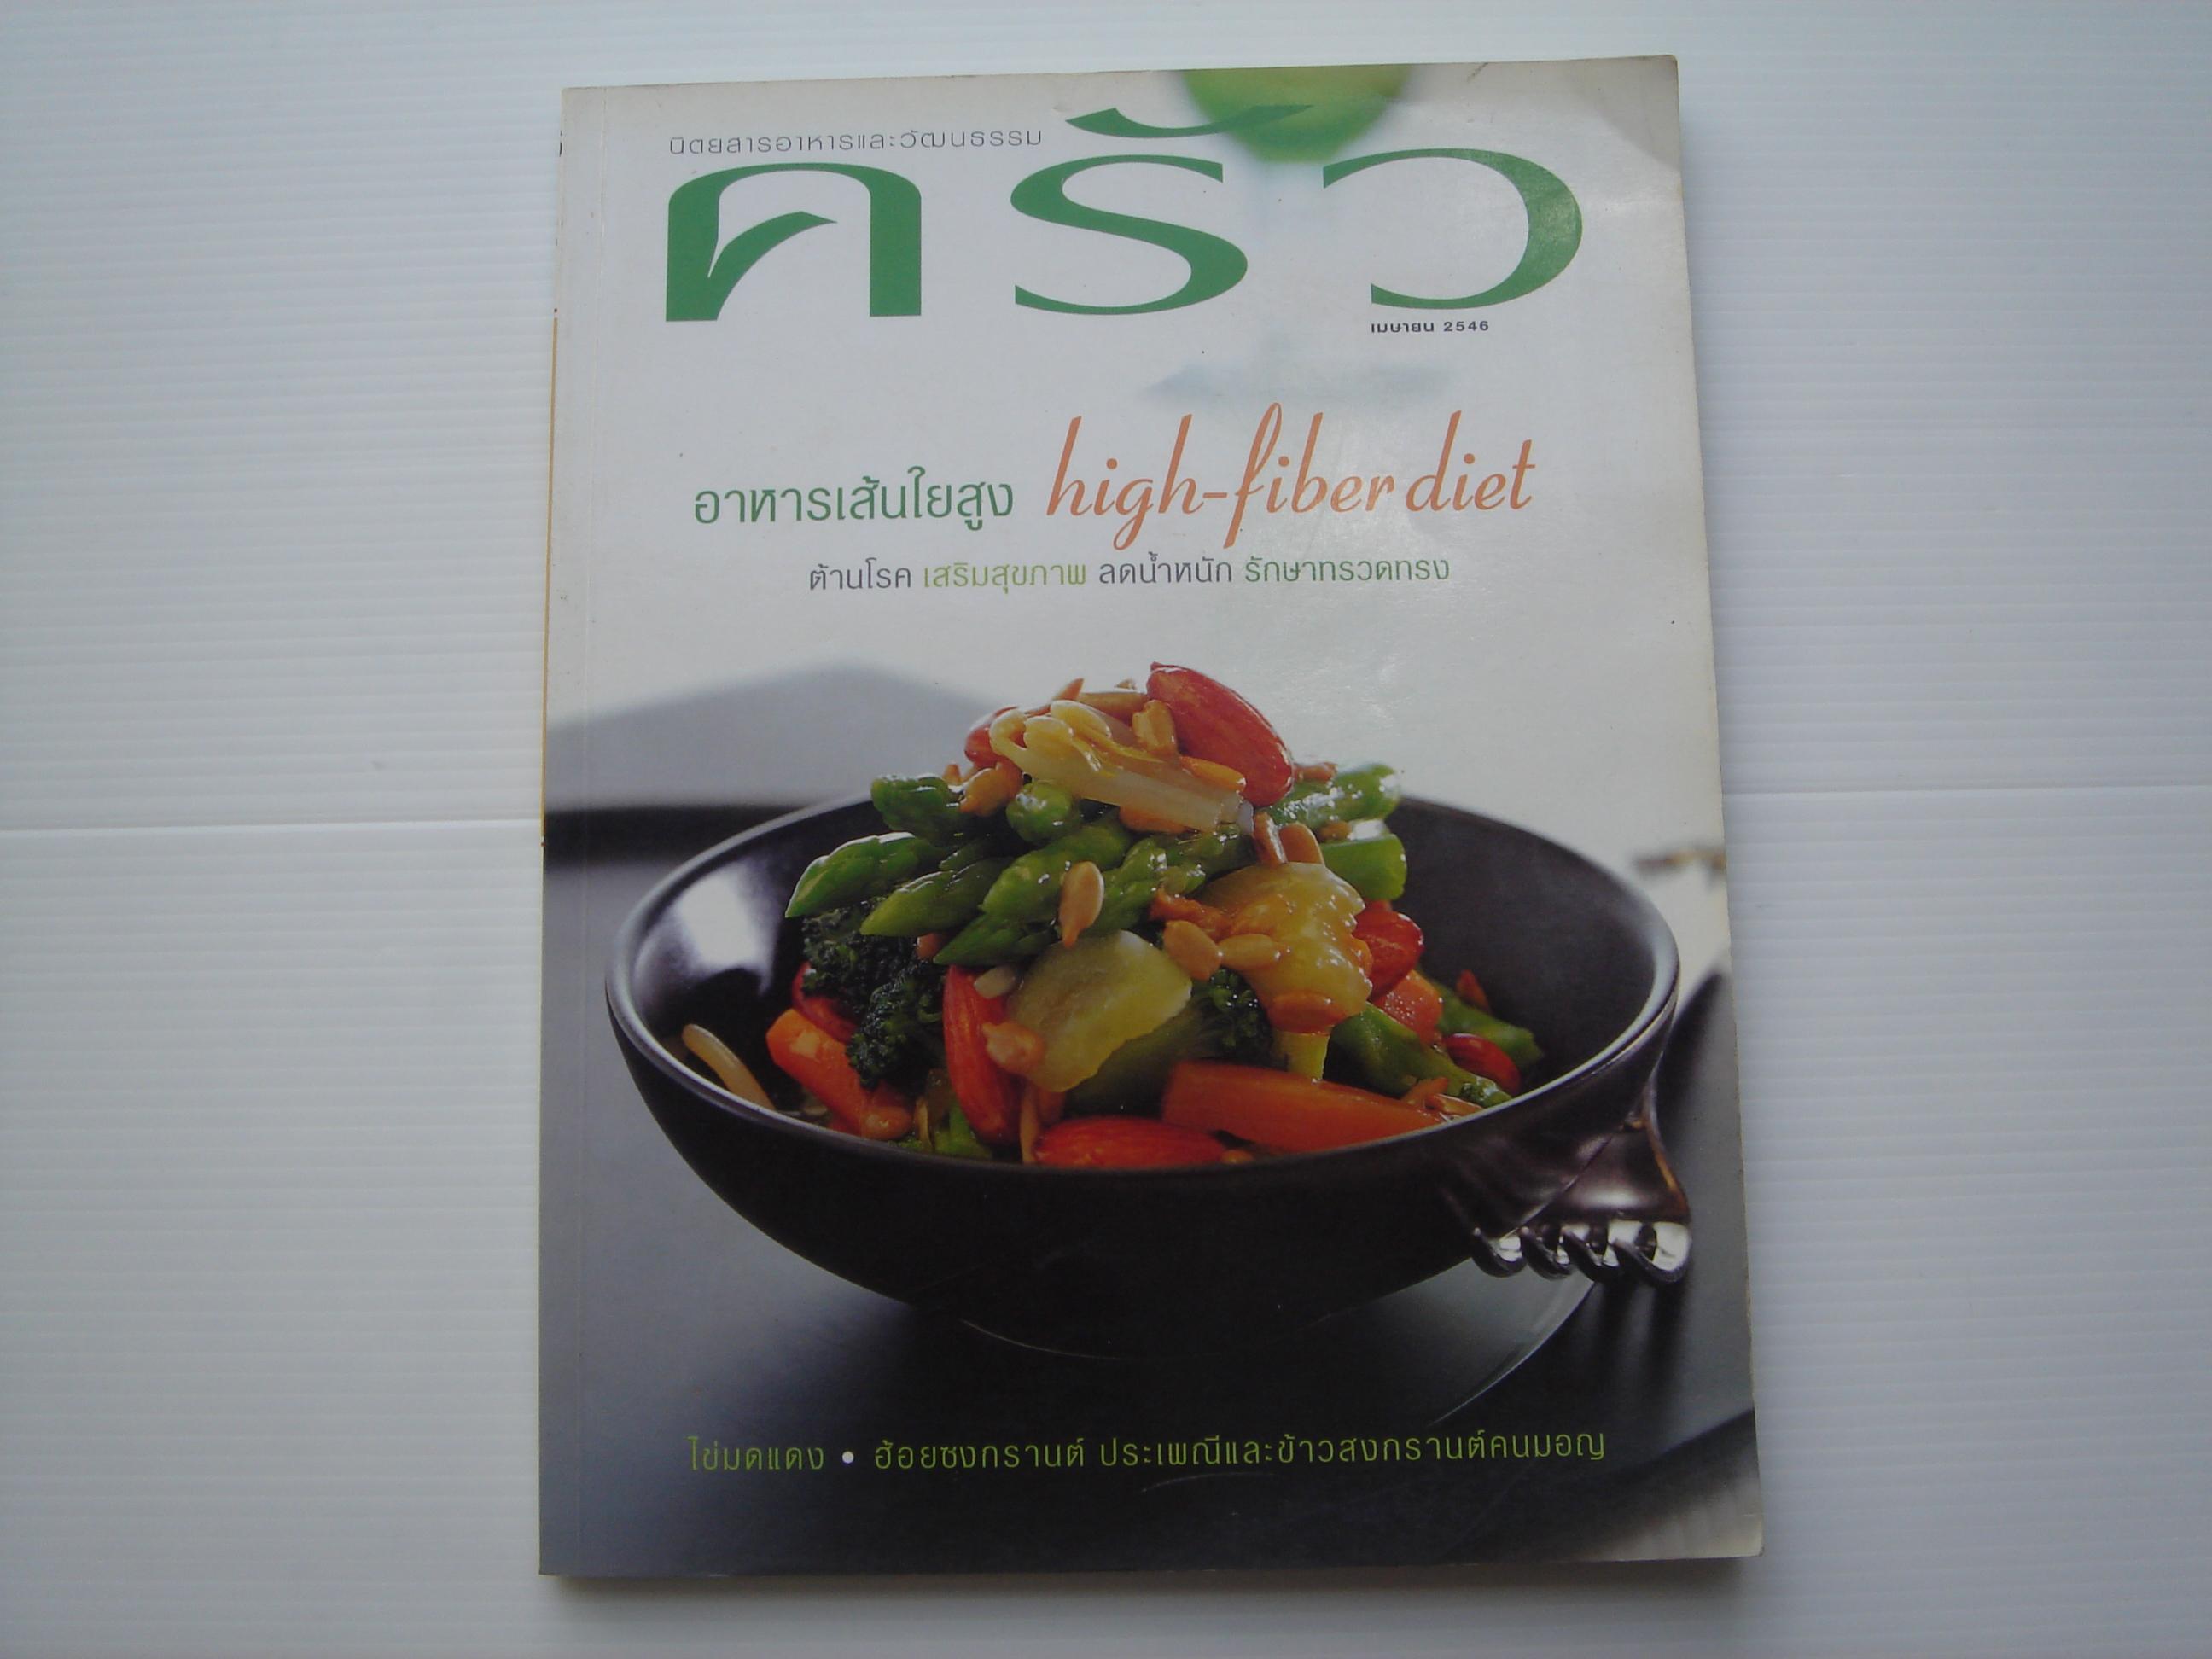 ครัว ปีที่ 9 ฉบับที่ 106 เมษายน 2546 (อาหารเส้นใยสูง - ไข่มดแดง - ฮ้อยซงกรานต์ - ผ่านผา มาเยือนป่า)